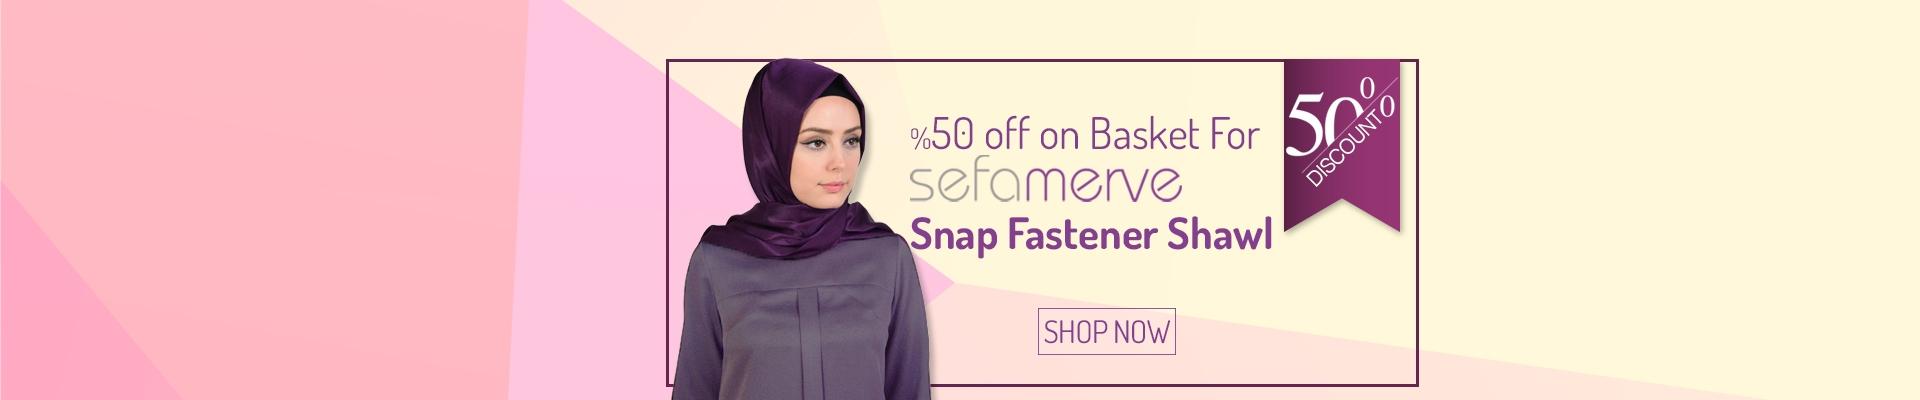 %50 off on Basket For Sefamerve Snap Fastener Shawl